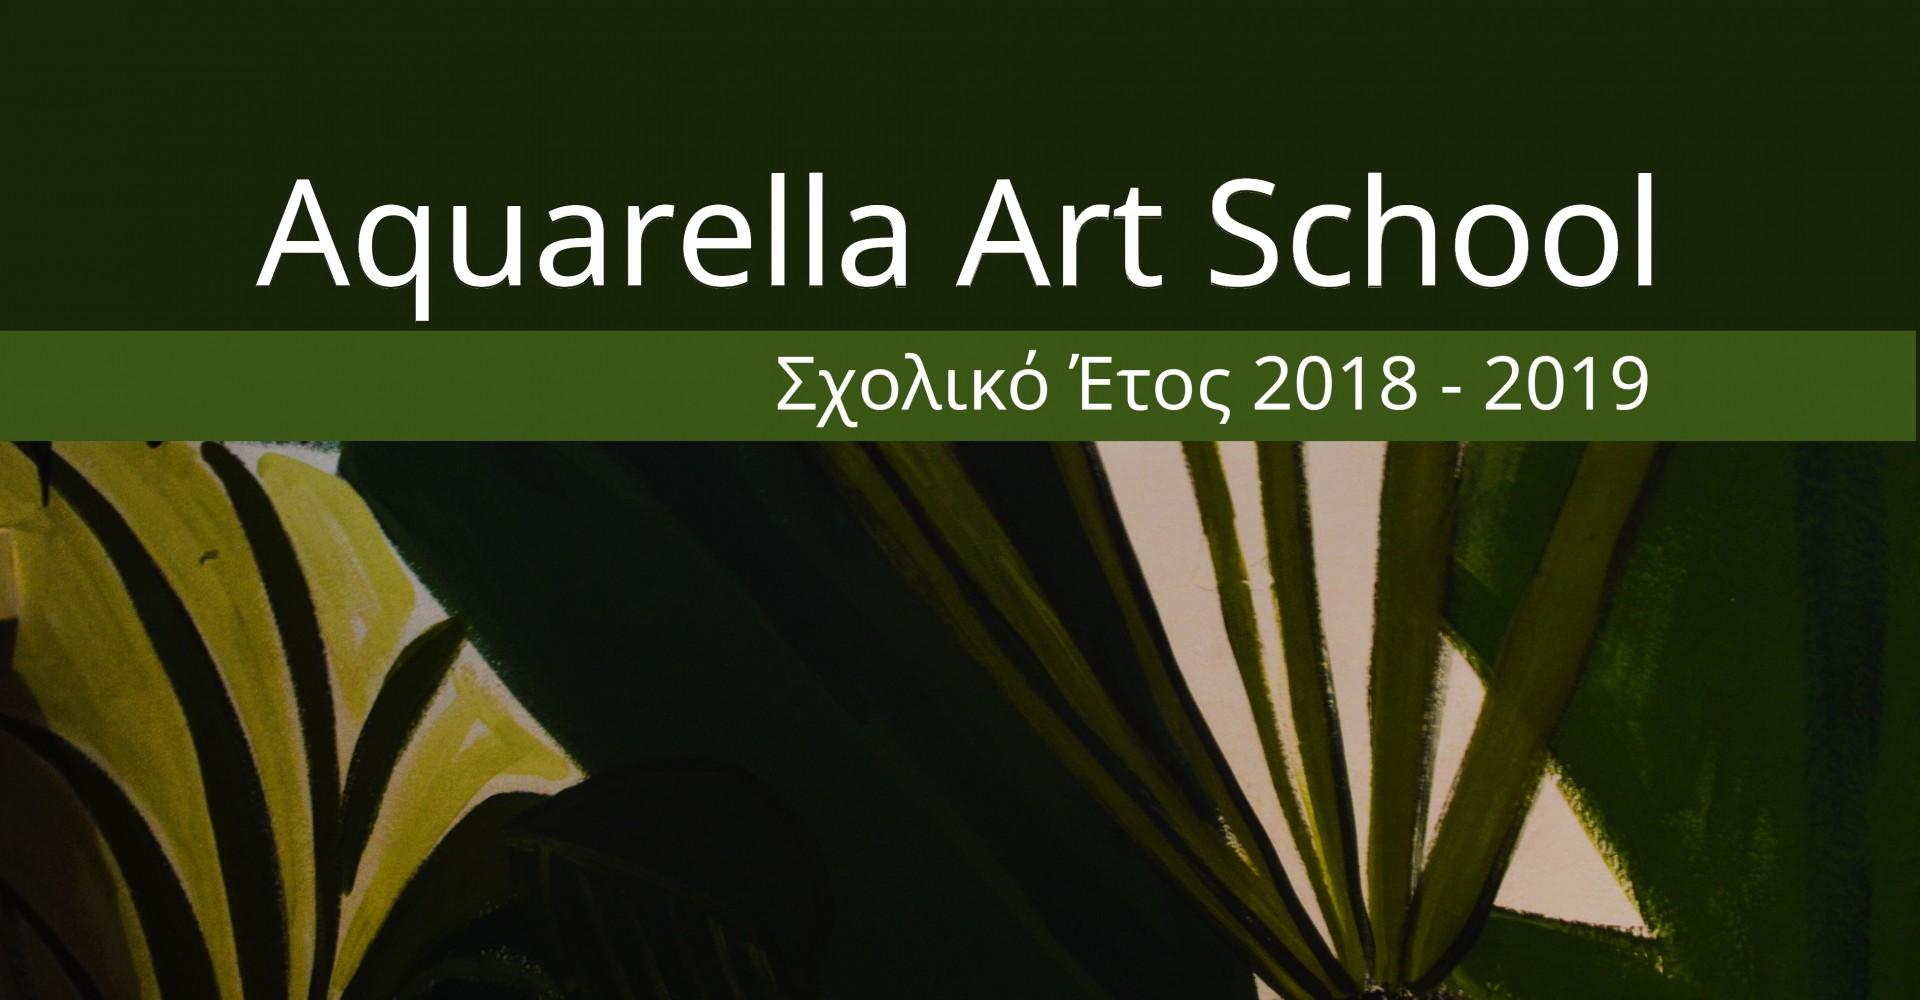 aquarella2018-19_for_website